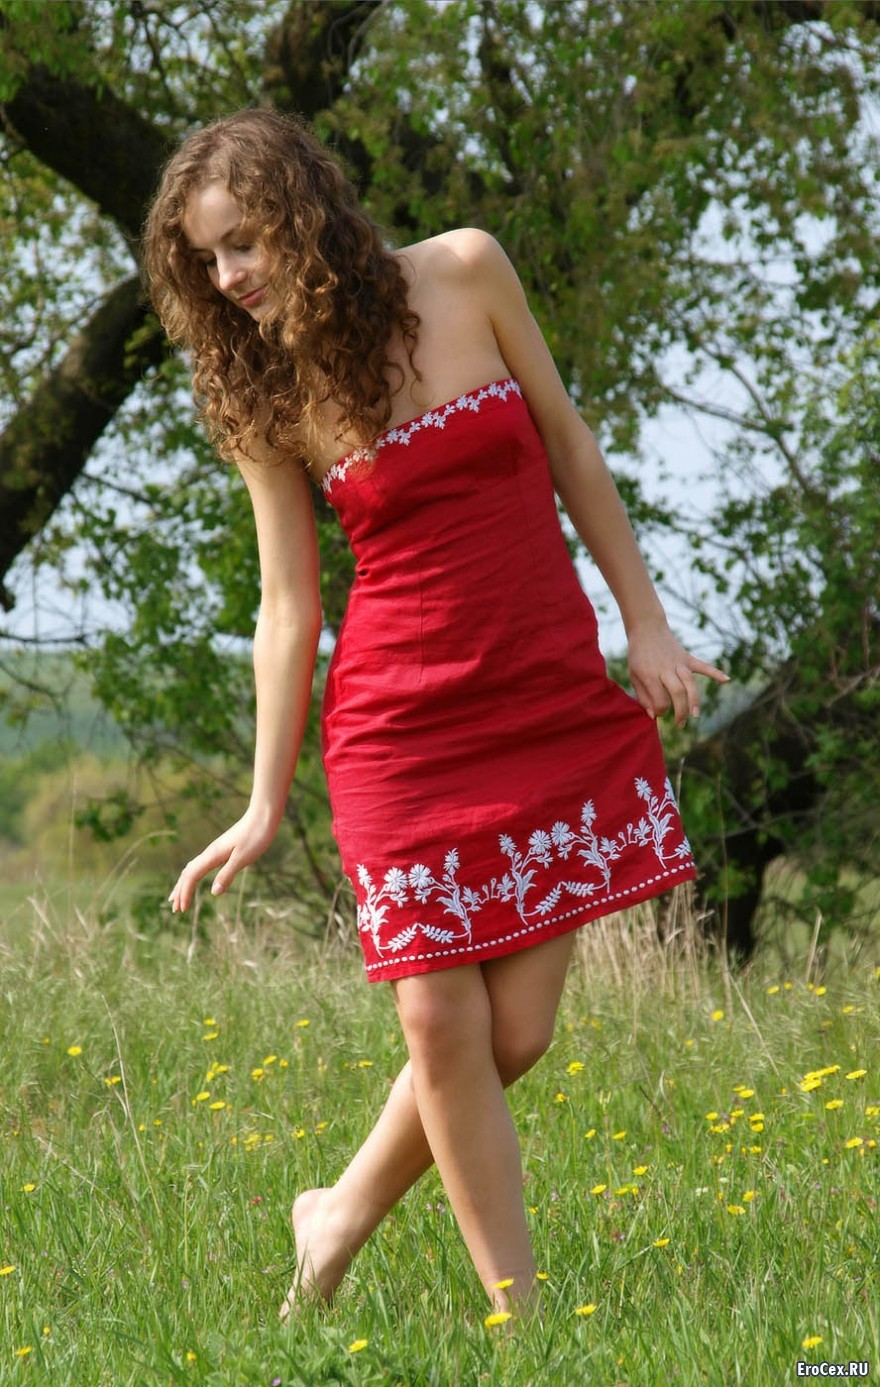 Красное платье девушки в поле